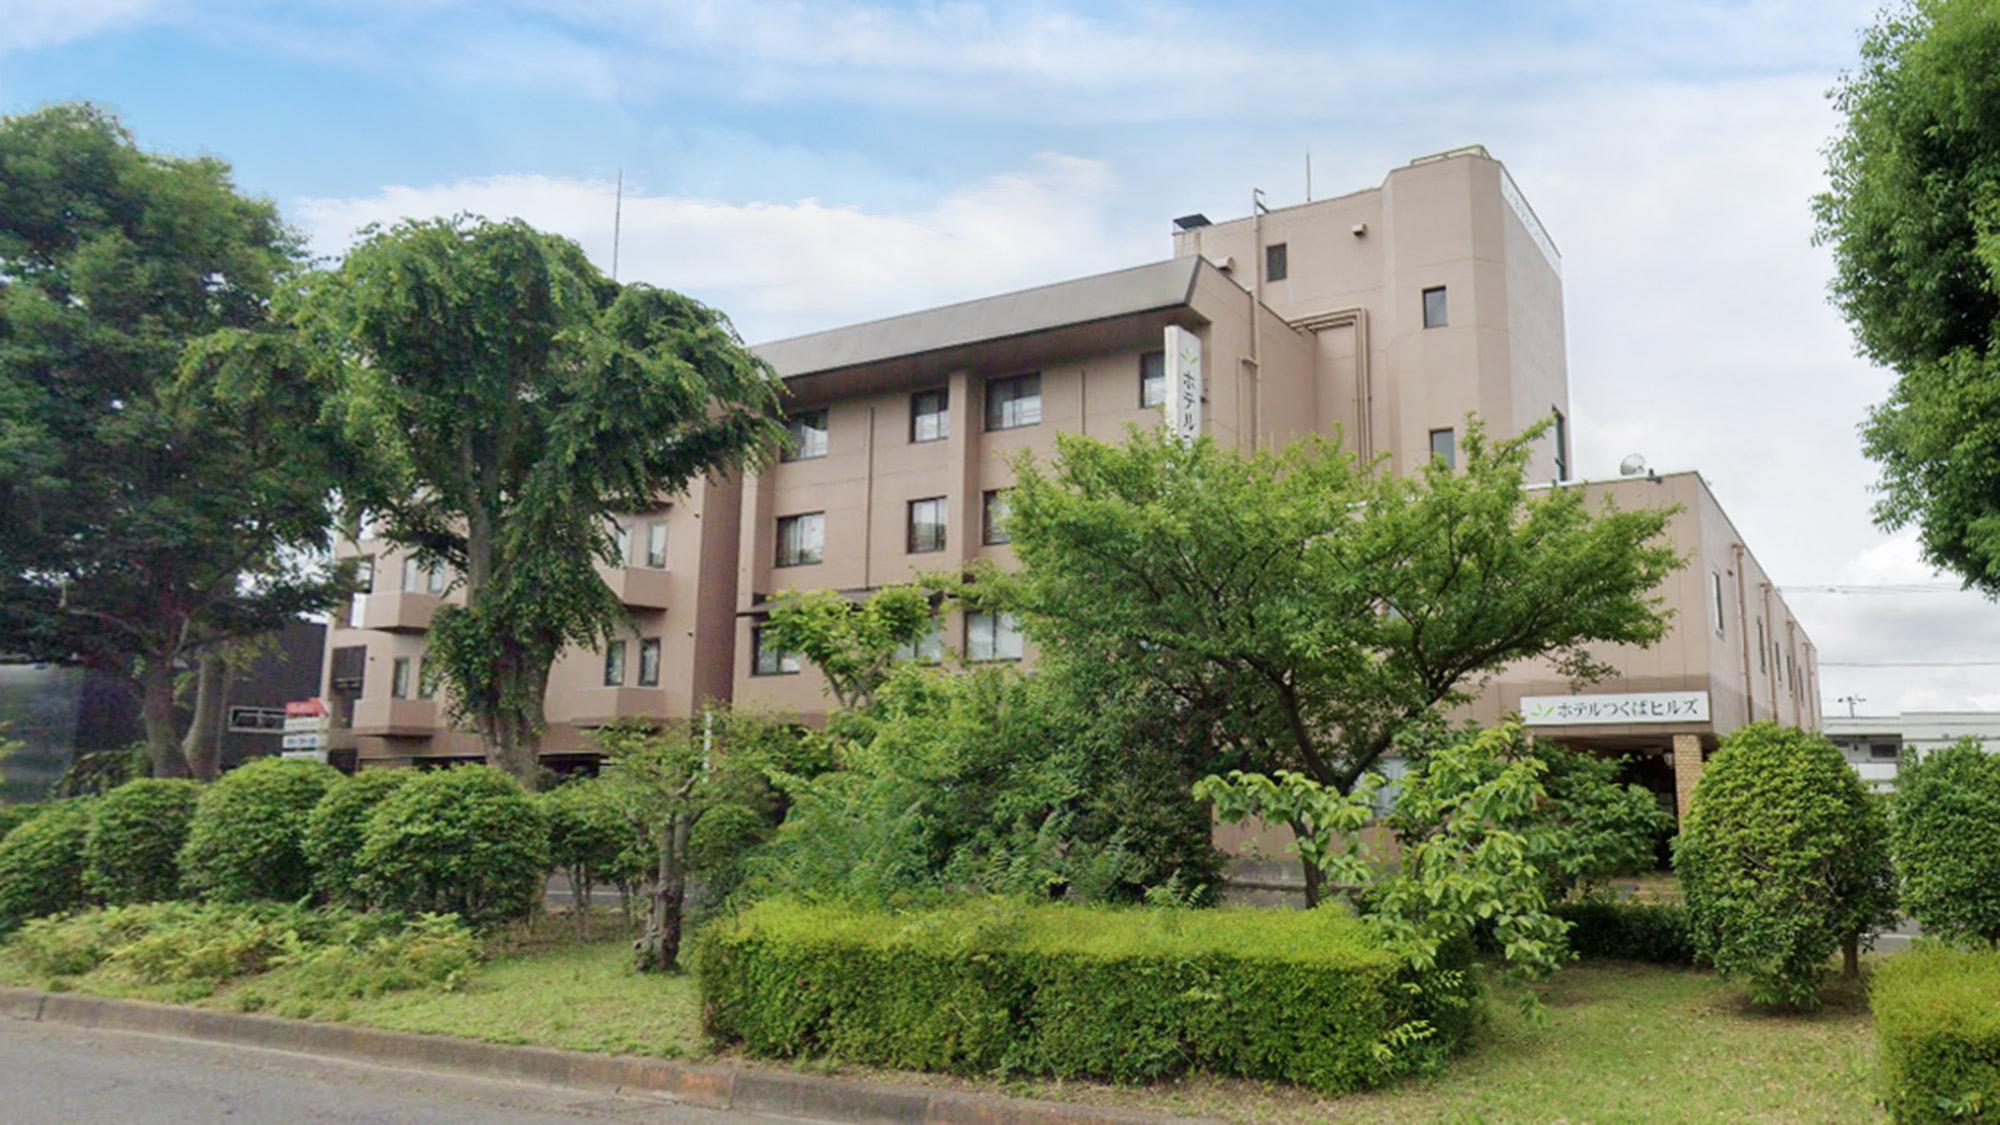 ホテルつくばヒルズ学園西大通り店(BBHホテルグループ) image